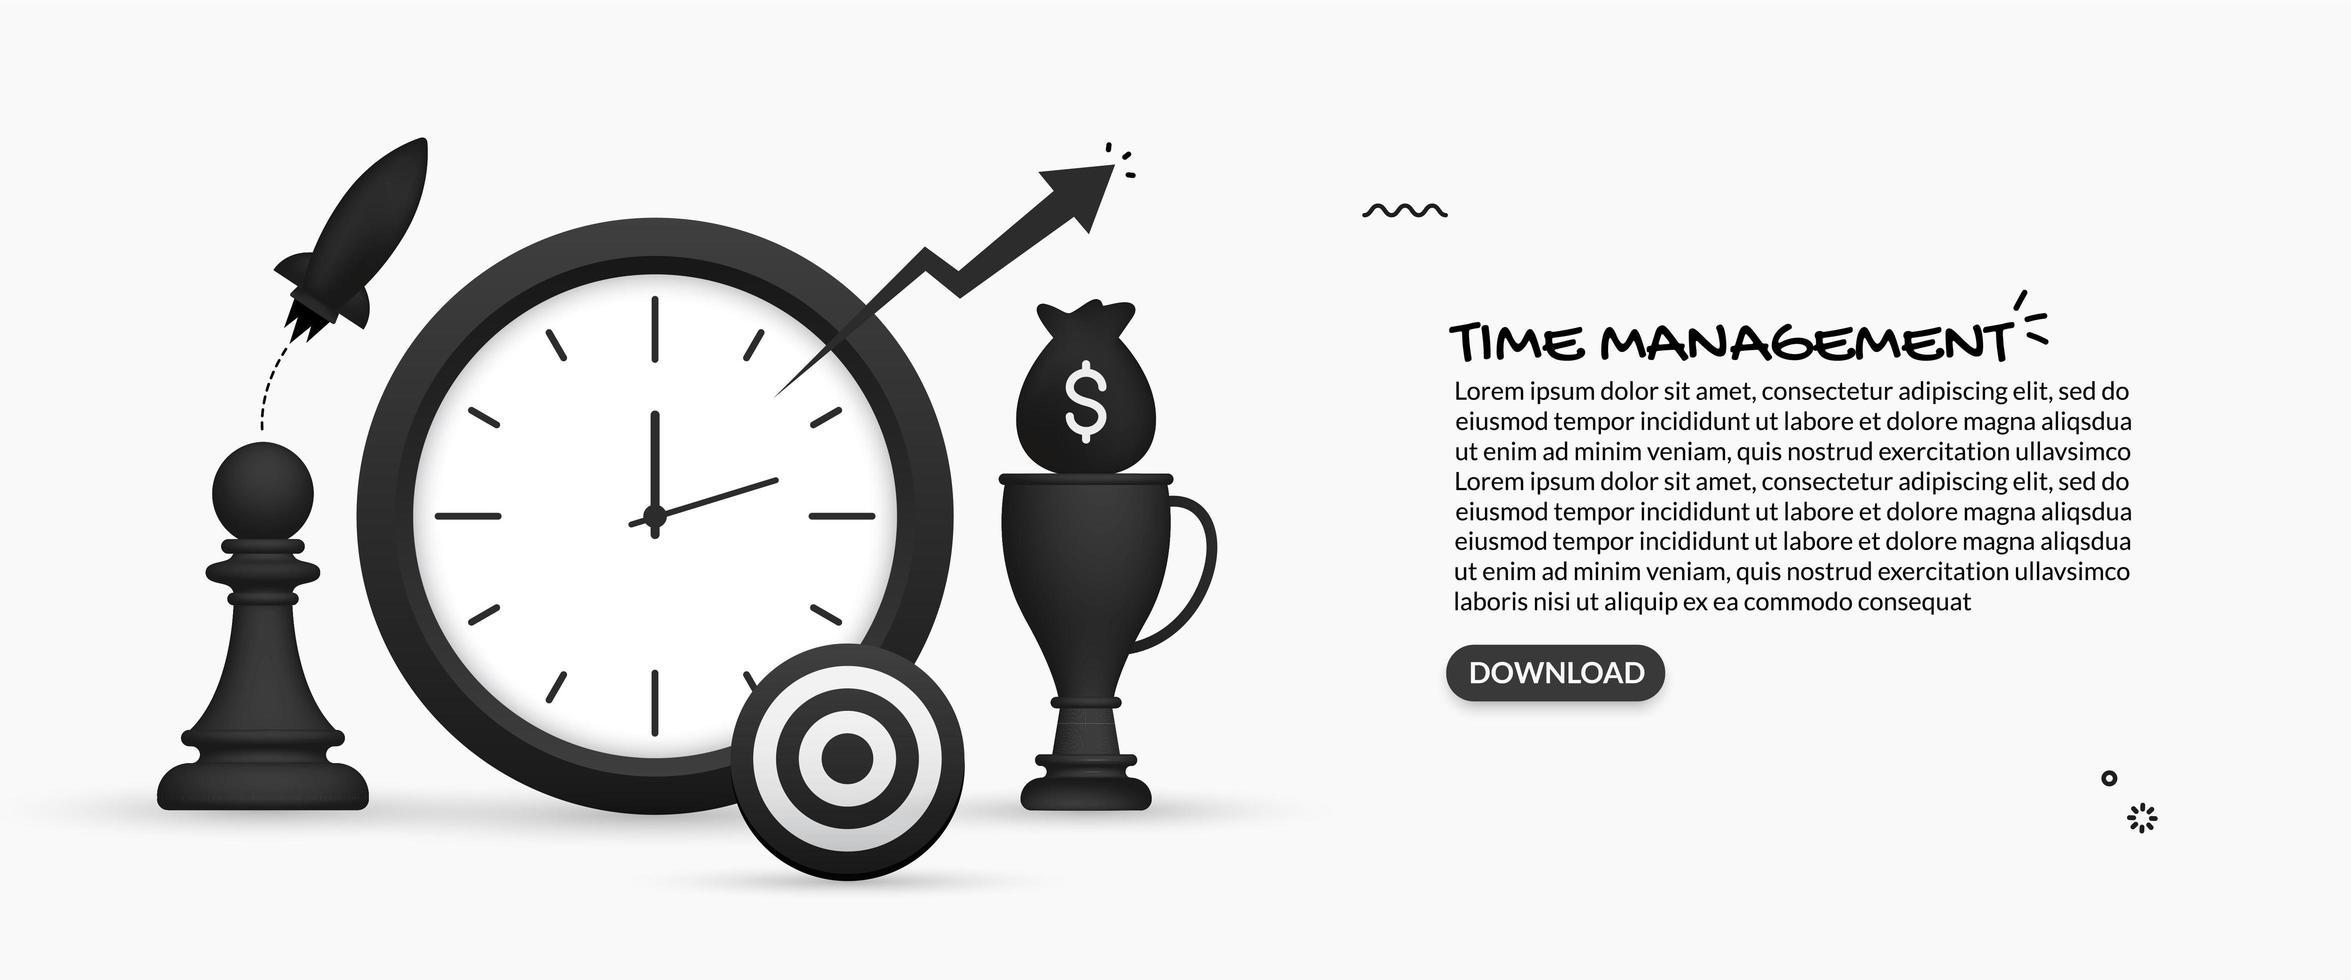 design de gerenciamento de tempo com relógio grande vetor